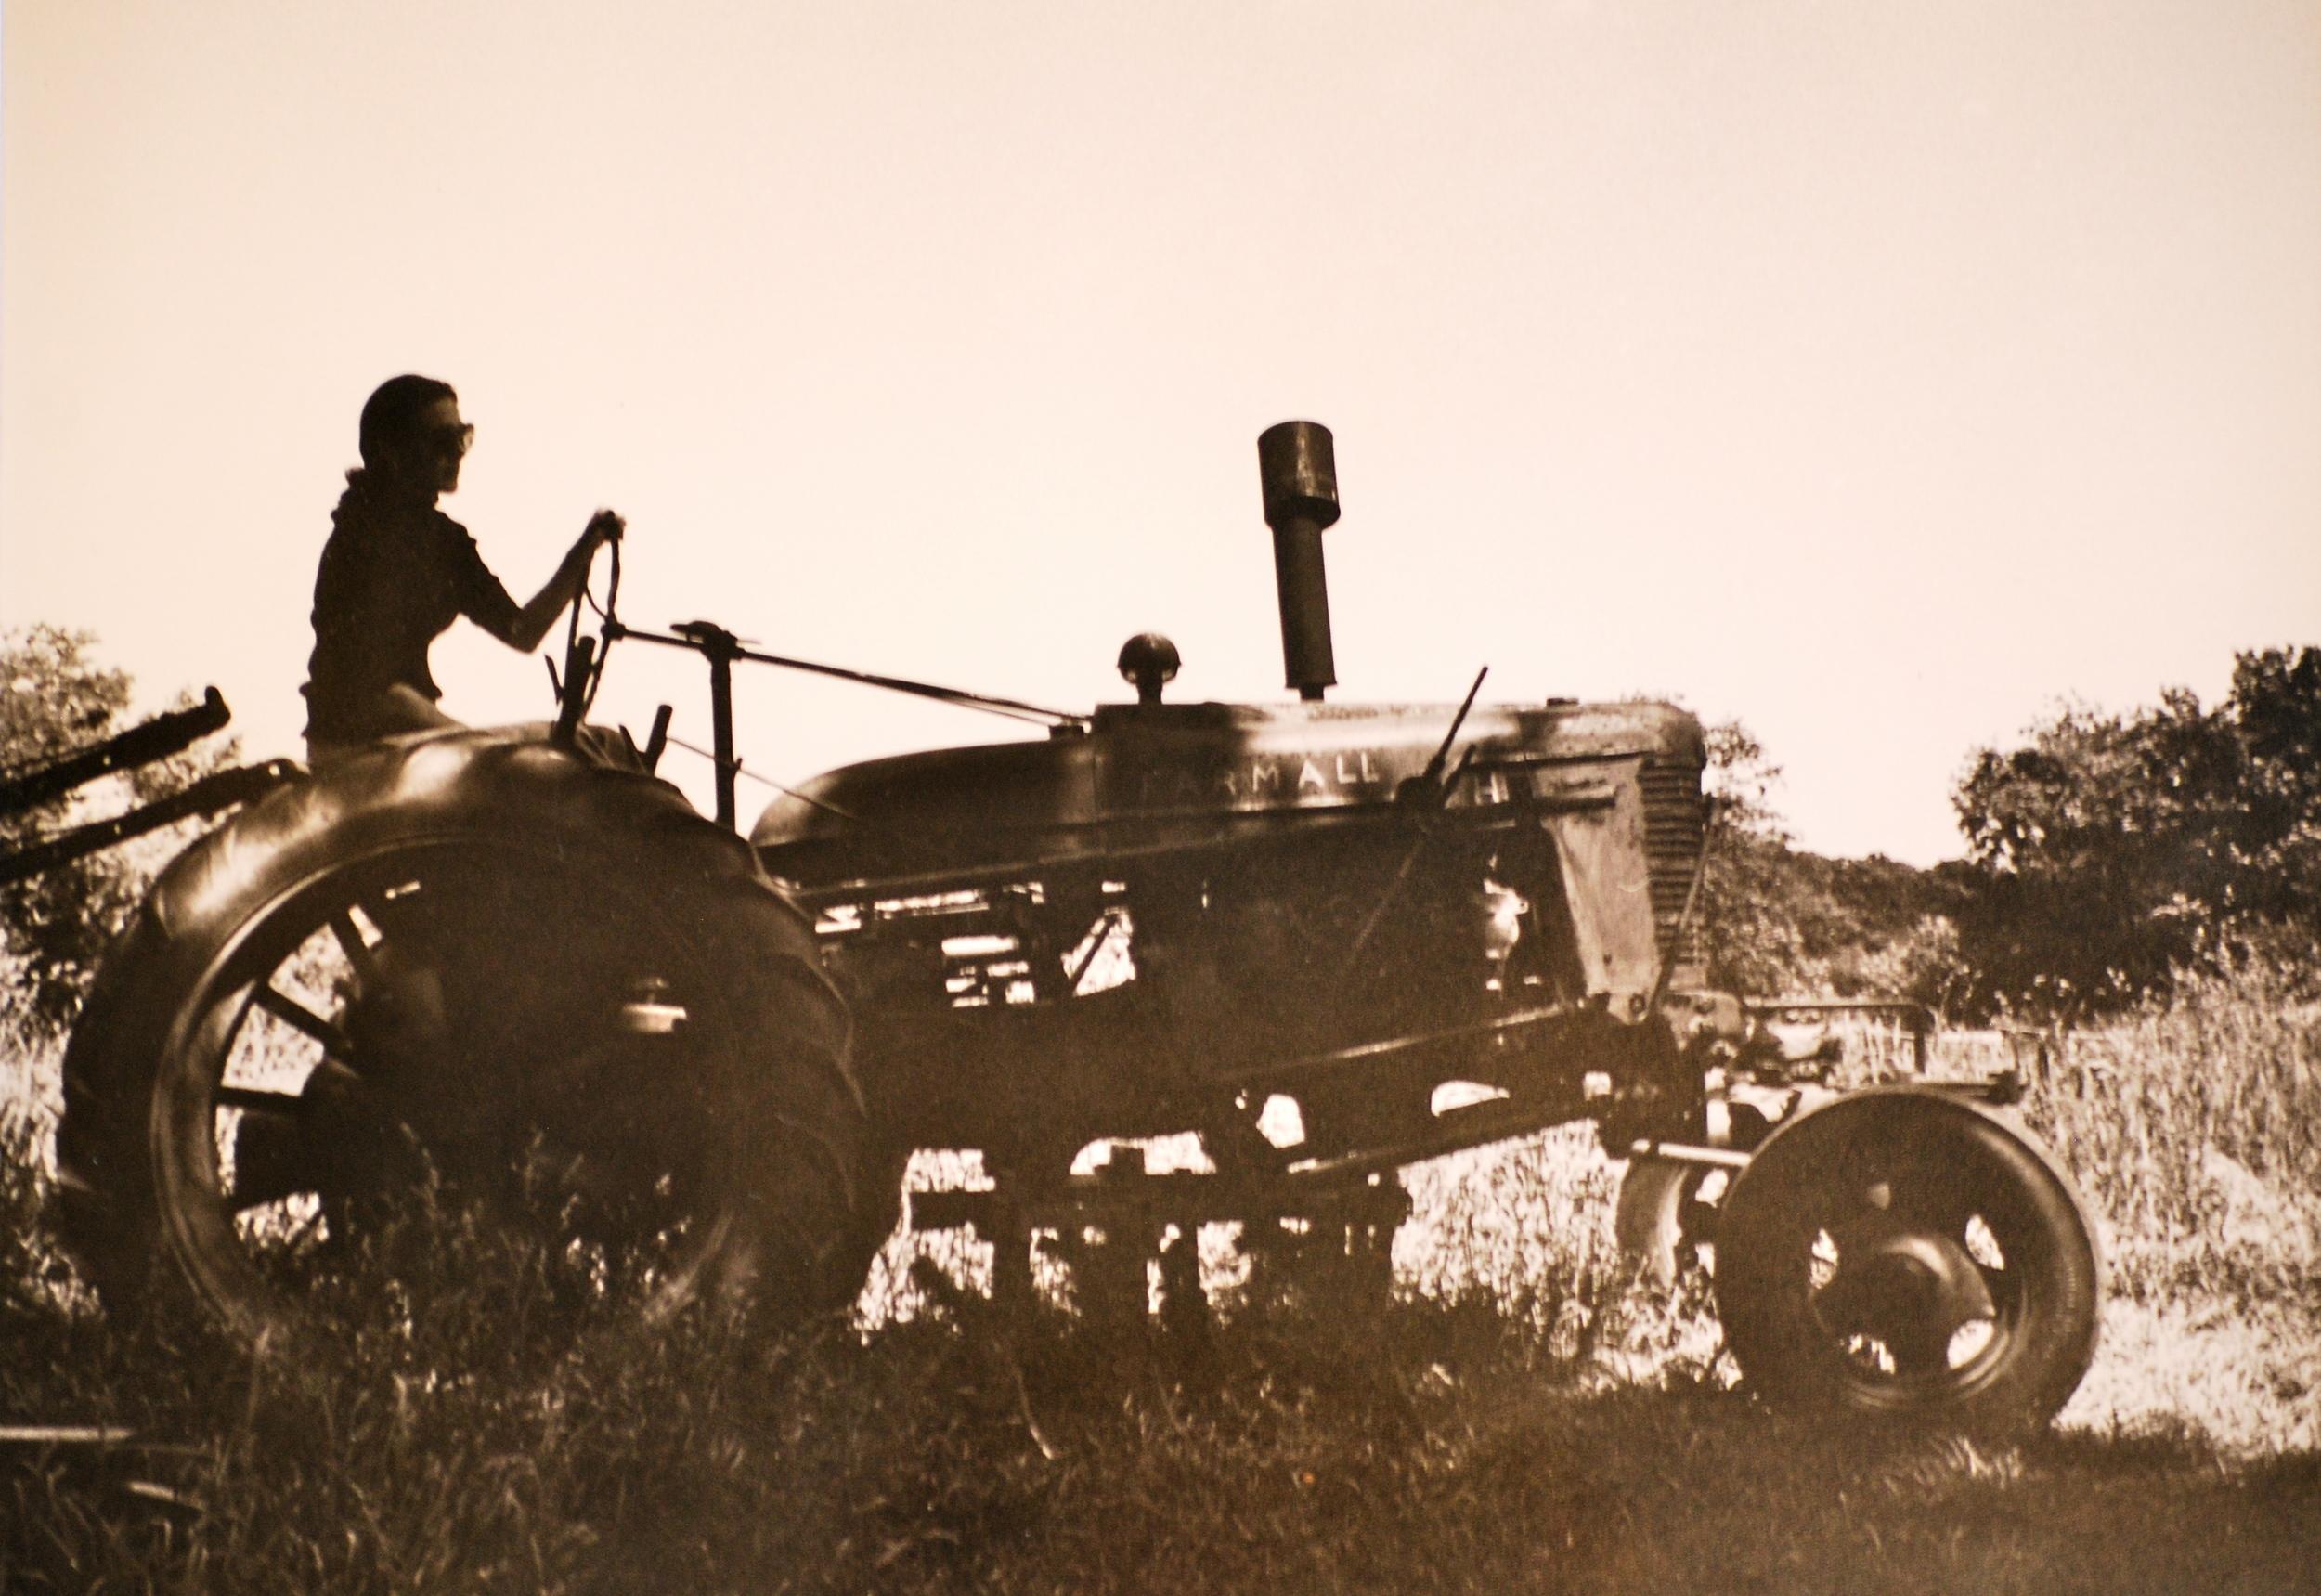 Carolyn on Tractor